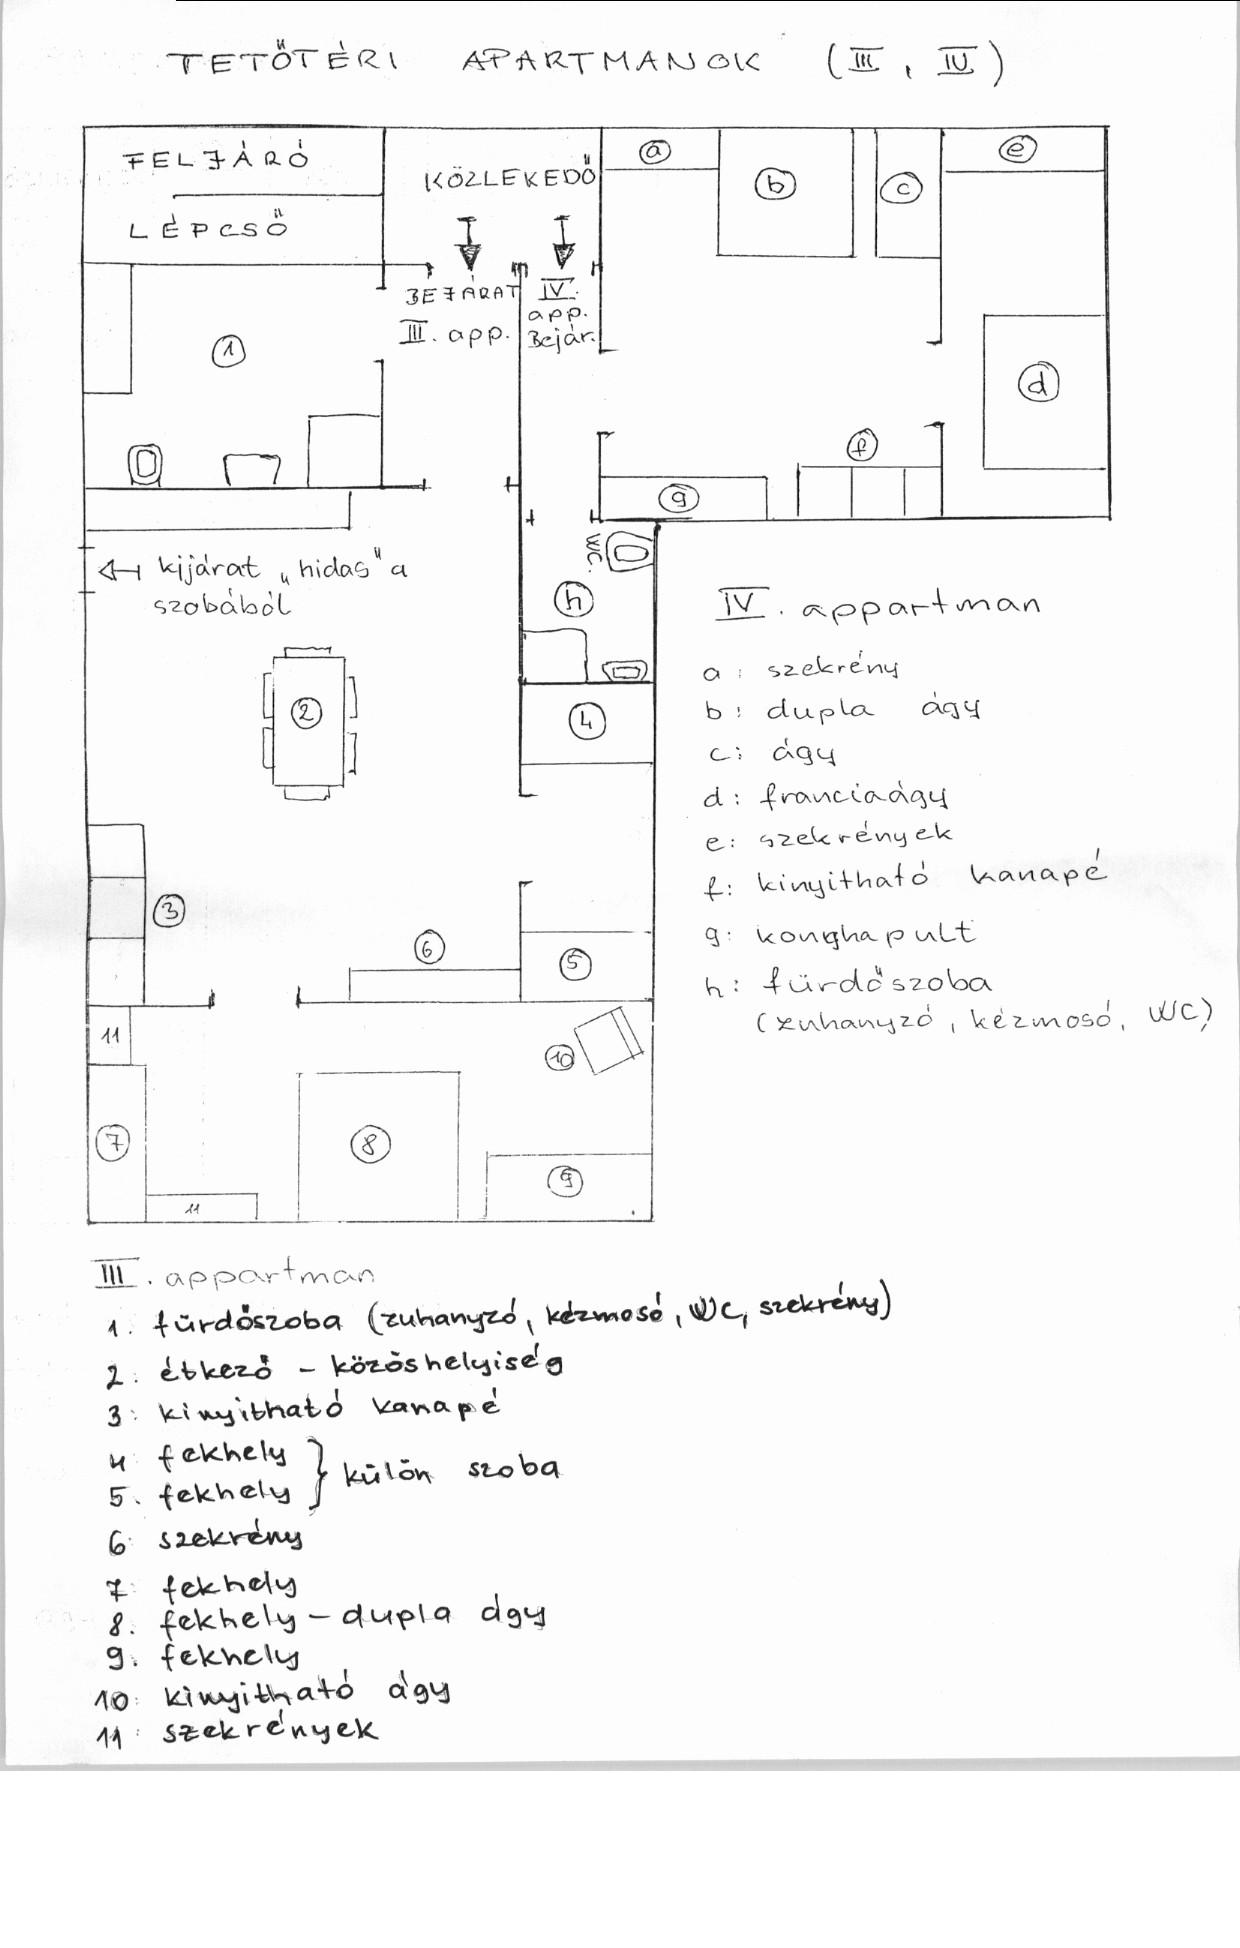 Tetőtéri 3. és 4. apartmanok alaprajza